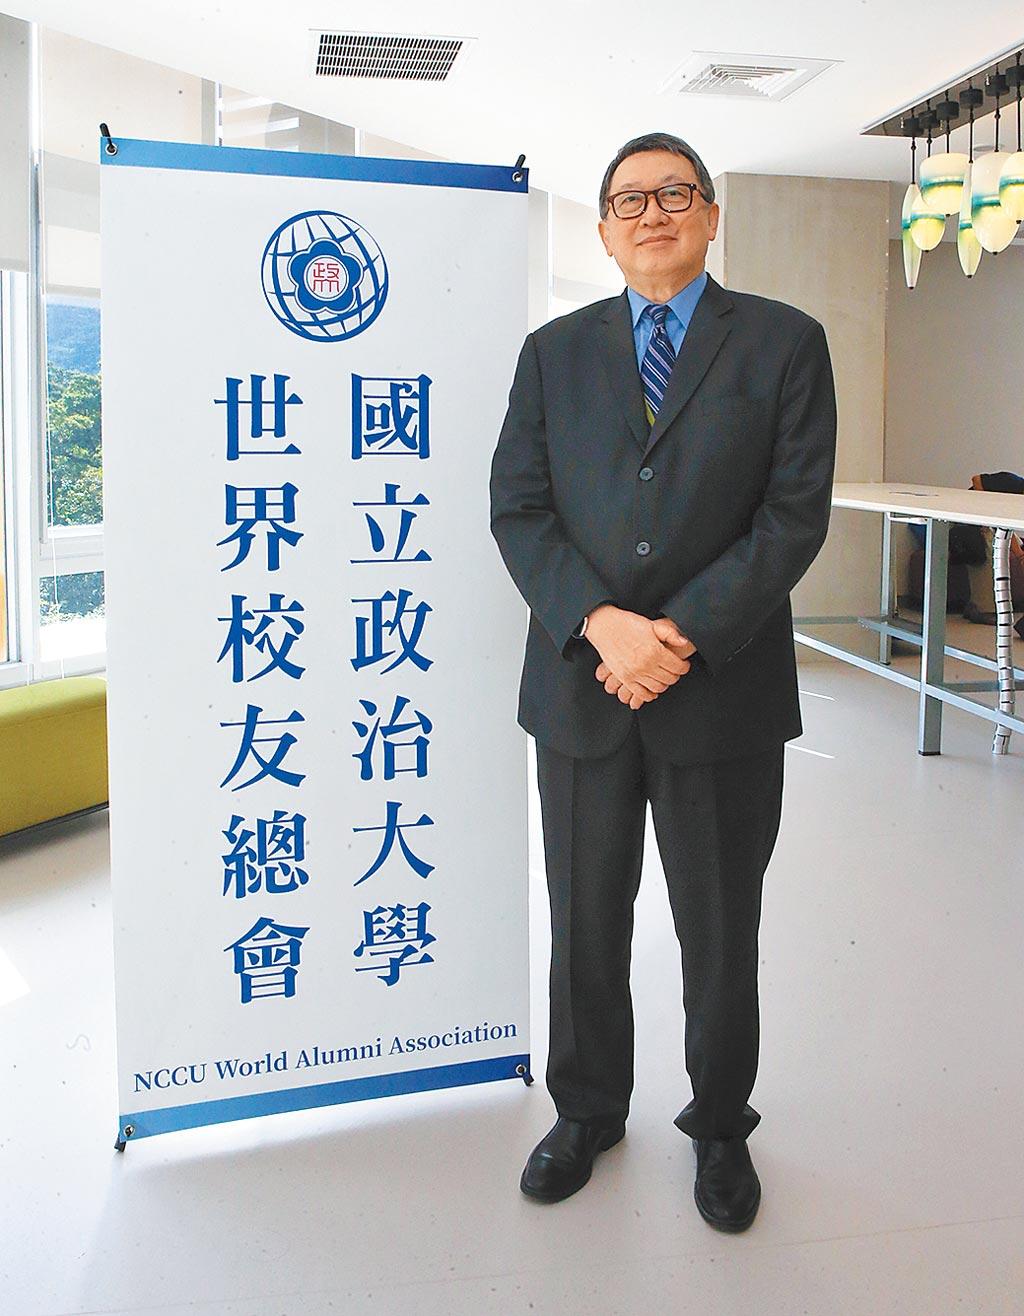 國立政治大學副校長趙怡分享成立政大世界校友總會的目的和對未來的展望。(趙雙傑攝)